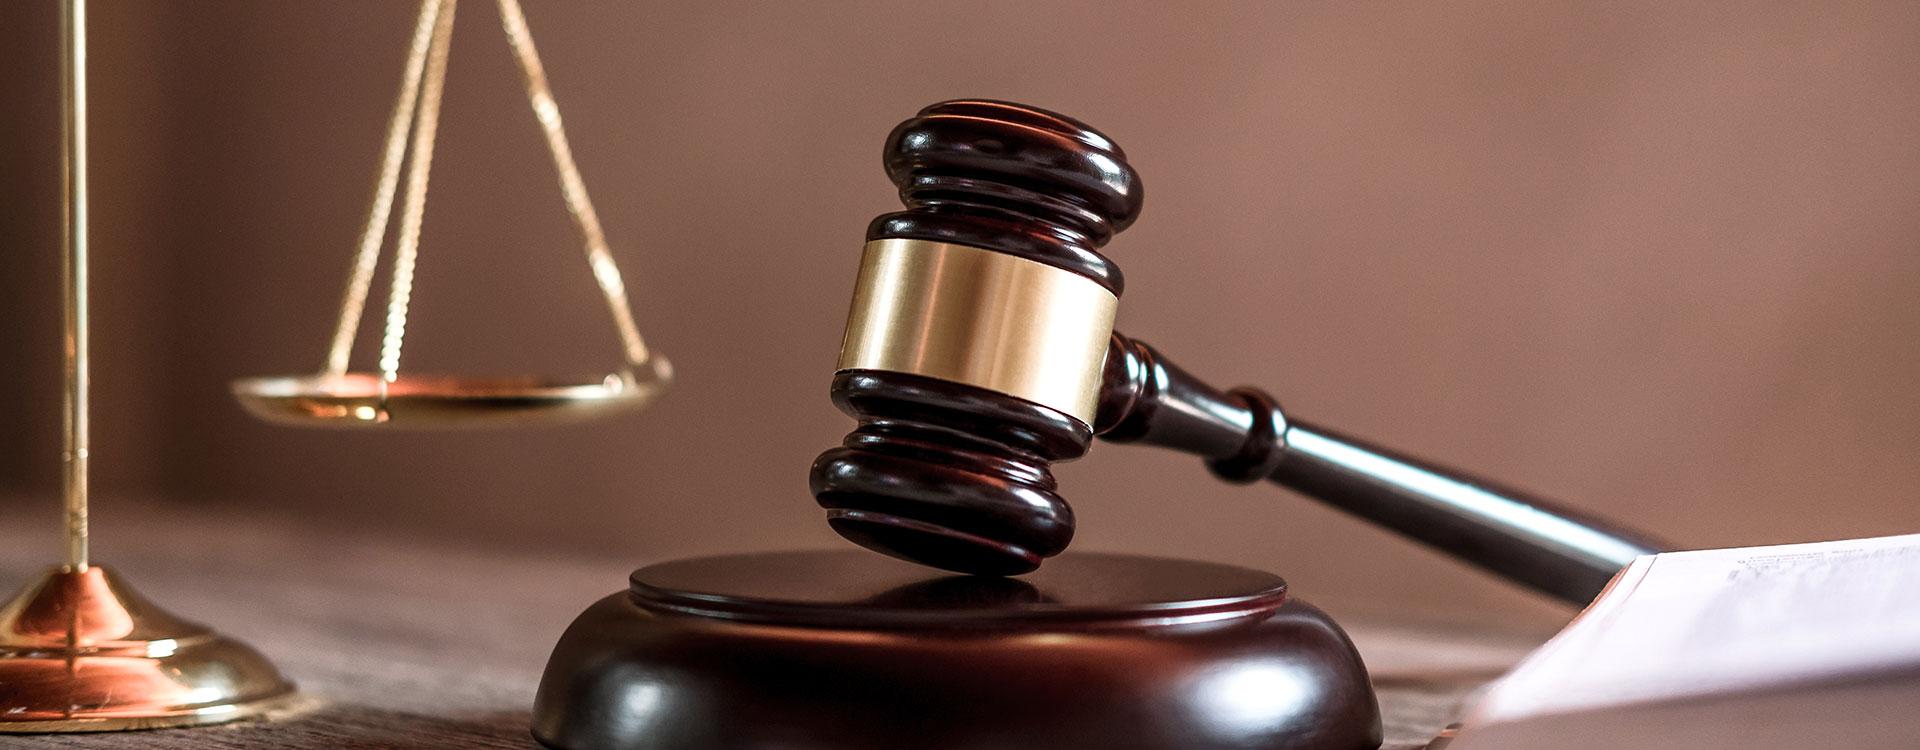 aequitasabogados-plandeempleo-trabajadores-derecho-abogadotalavera-talavera